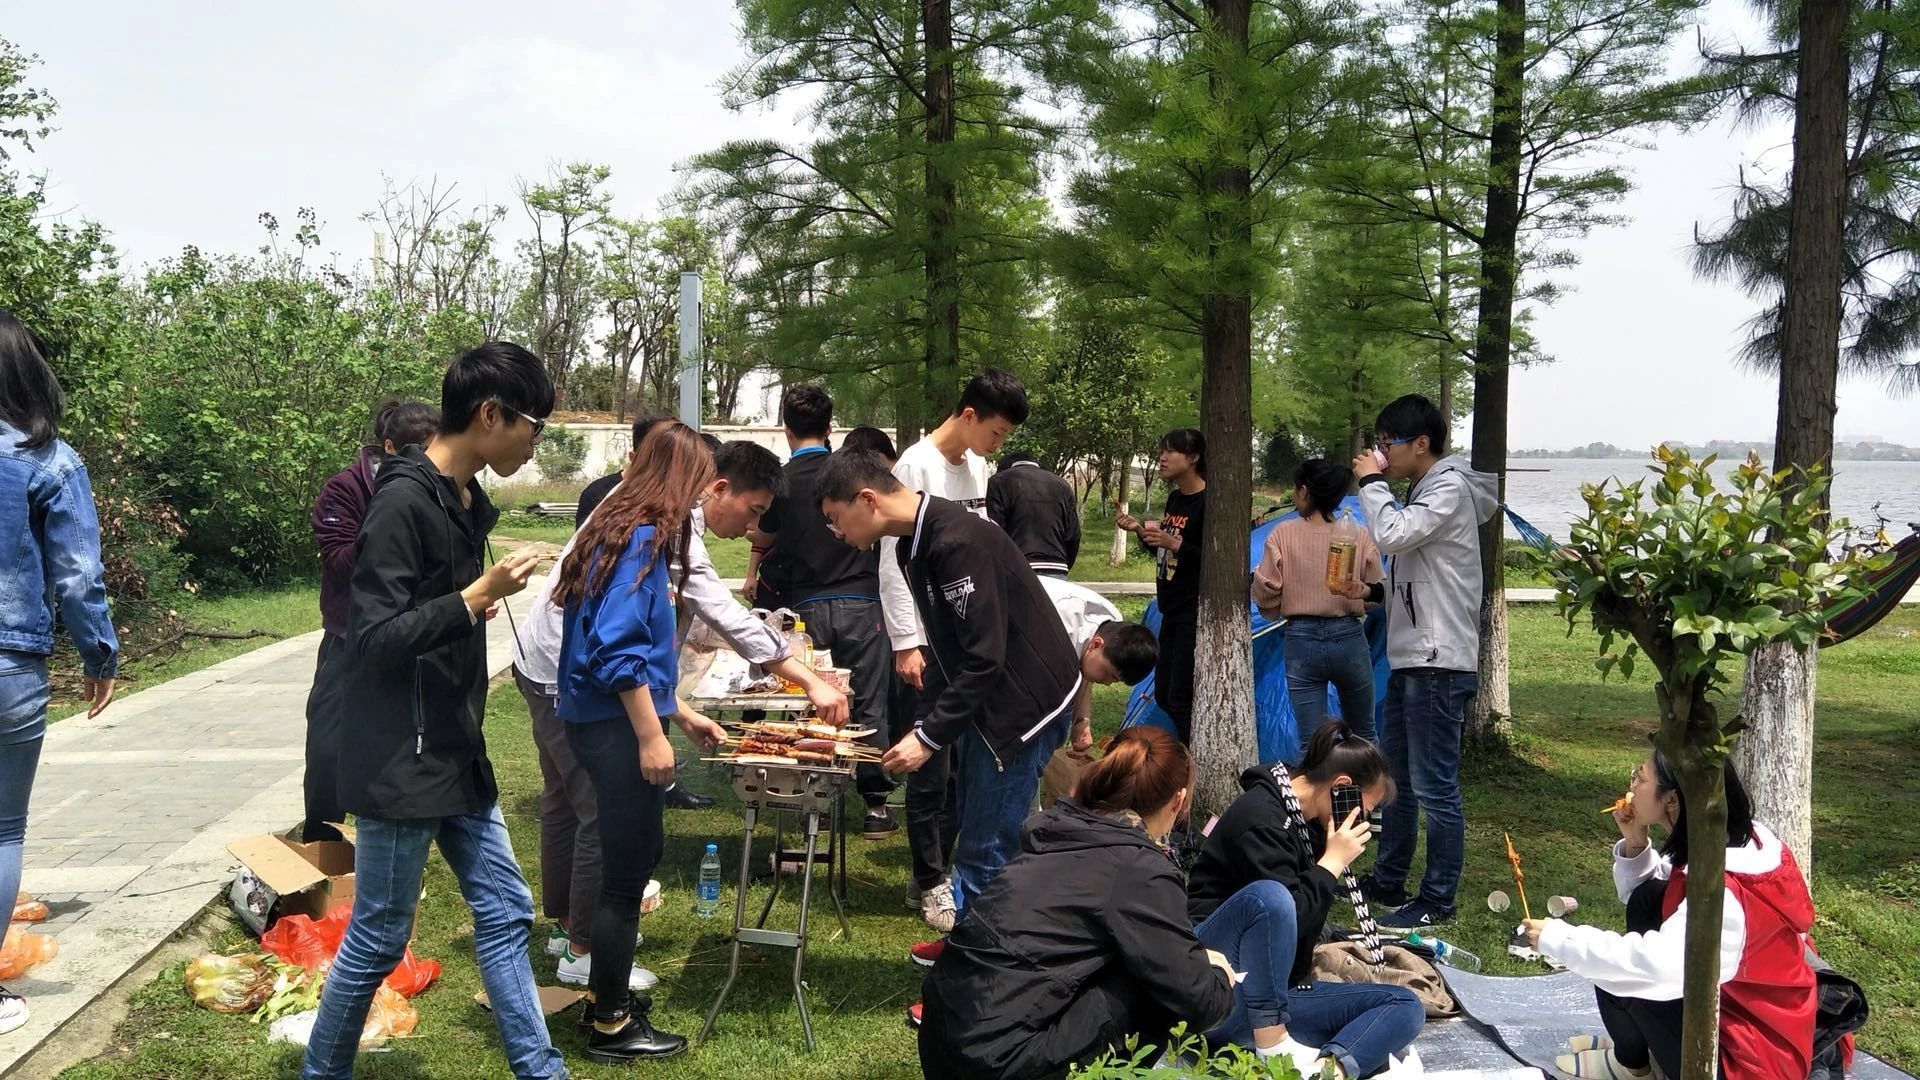 南昌瑶湖森林公园烧烤,瑶湖新烧烤区